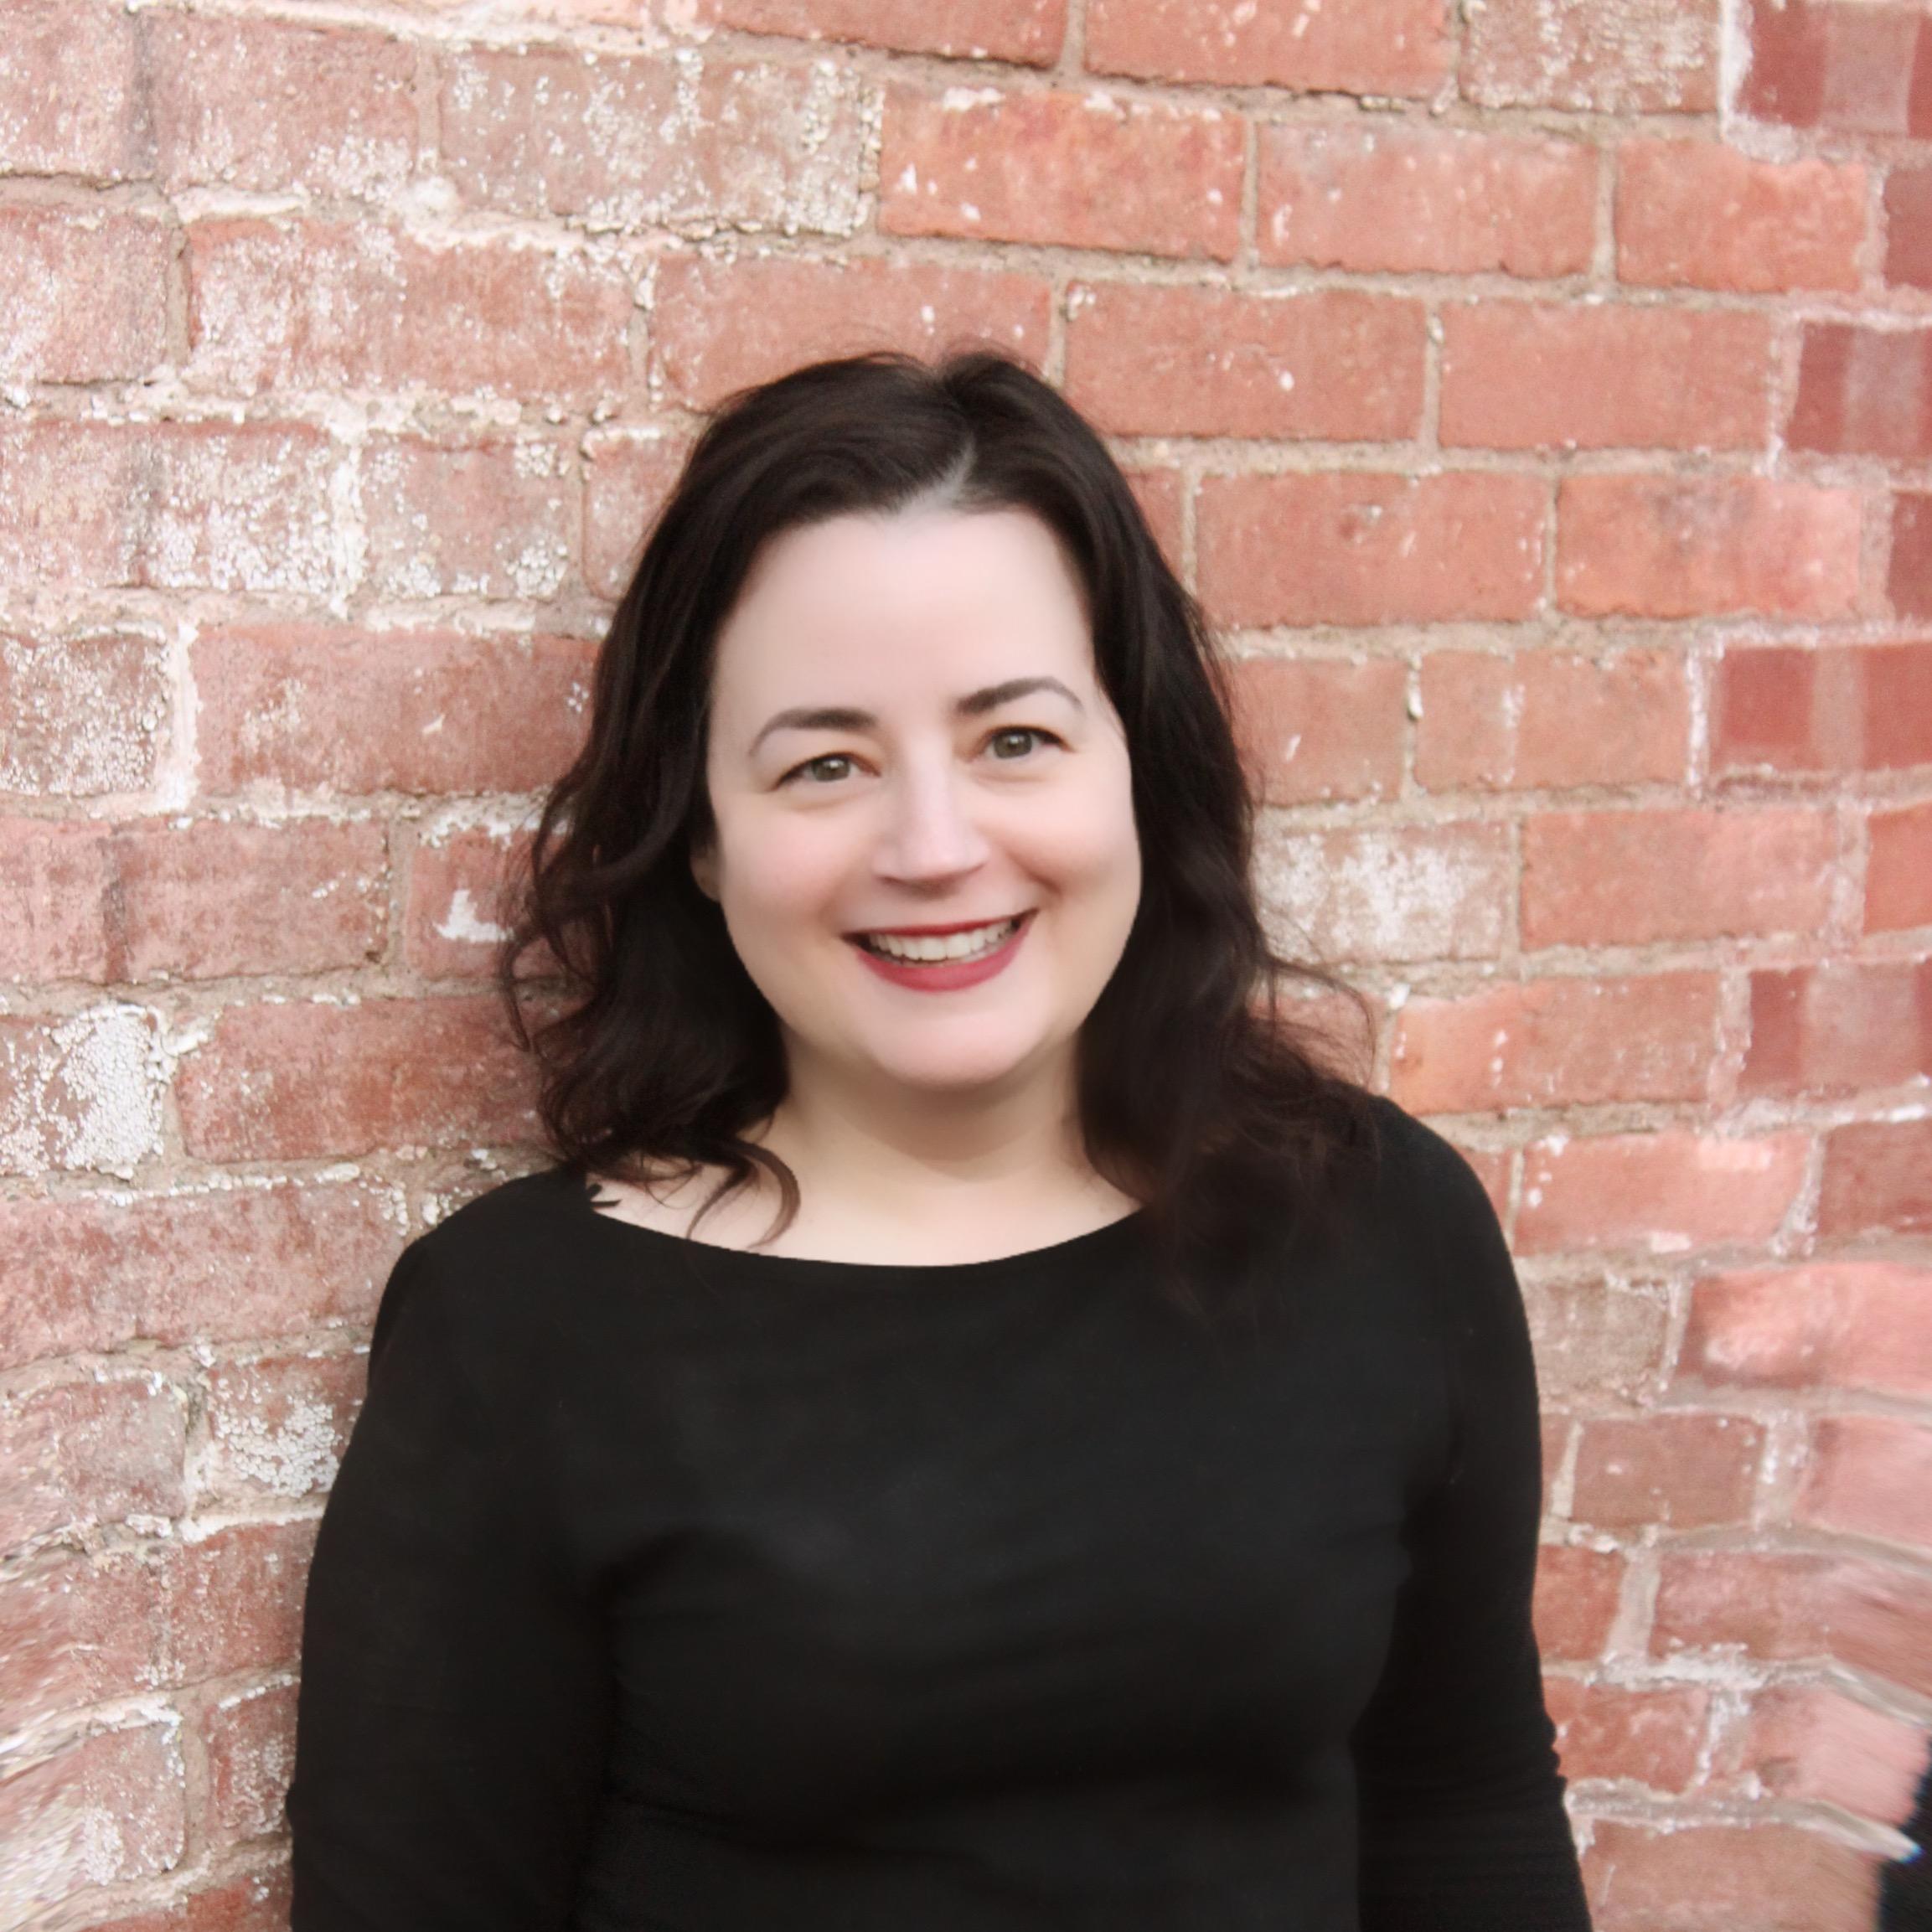 Melinda Kerins